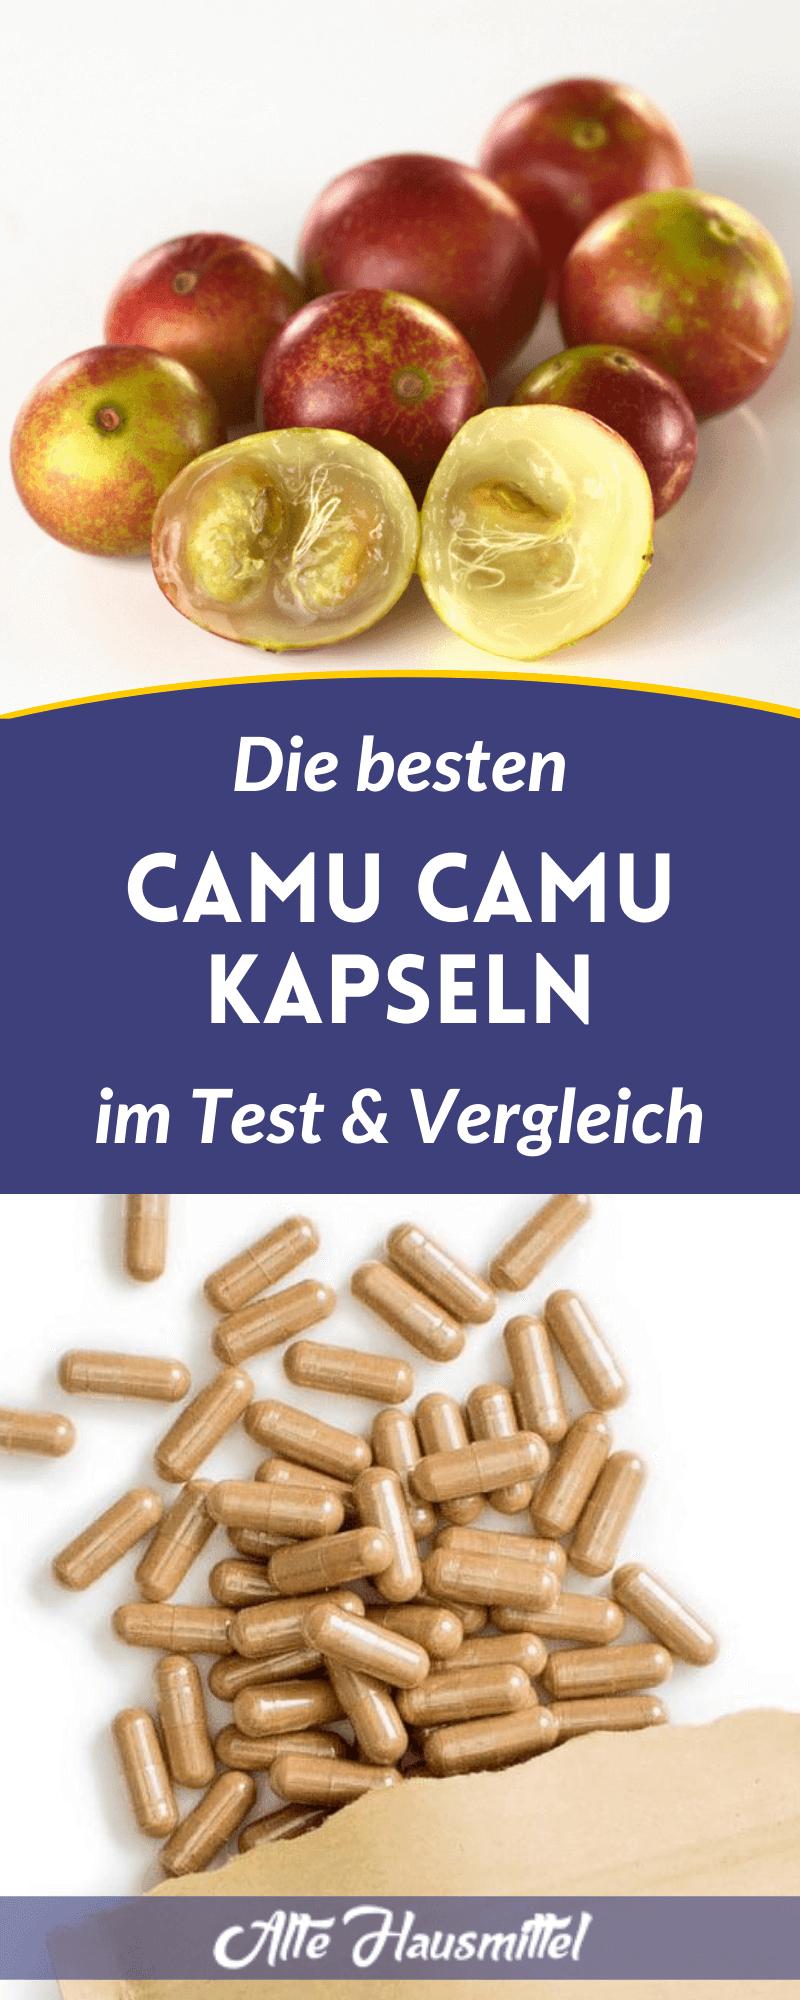 Die besten Camu Camu Kapseln im Test & Vergleich